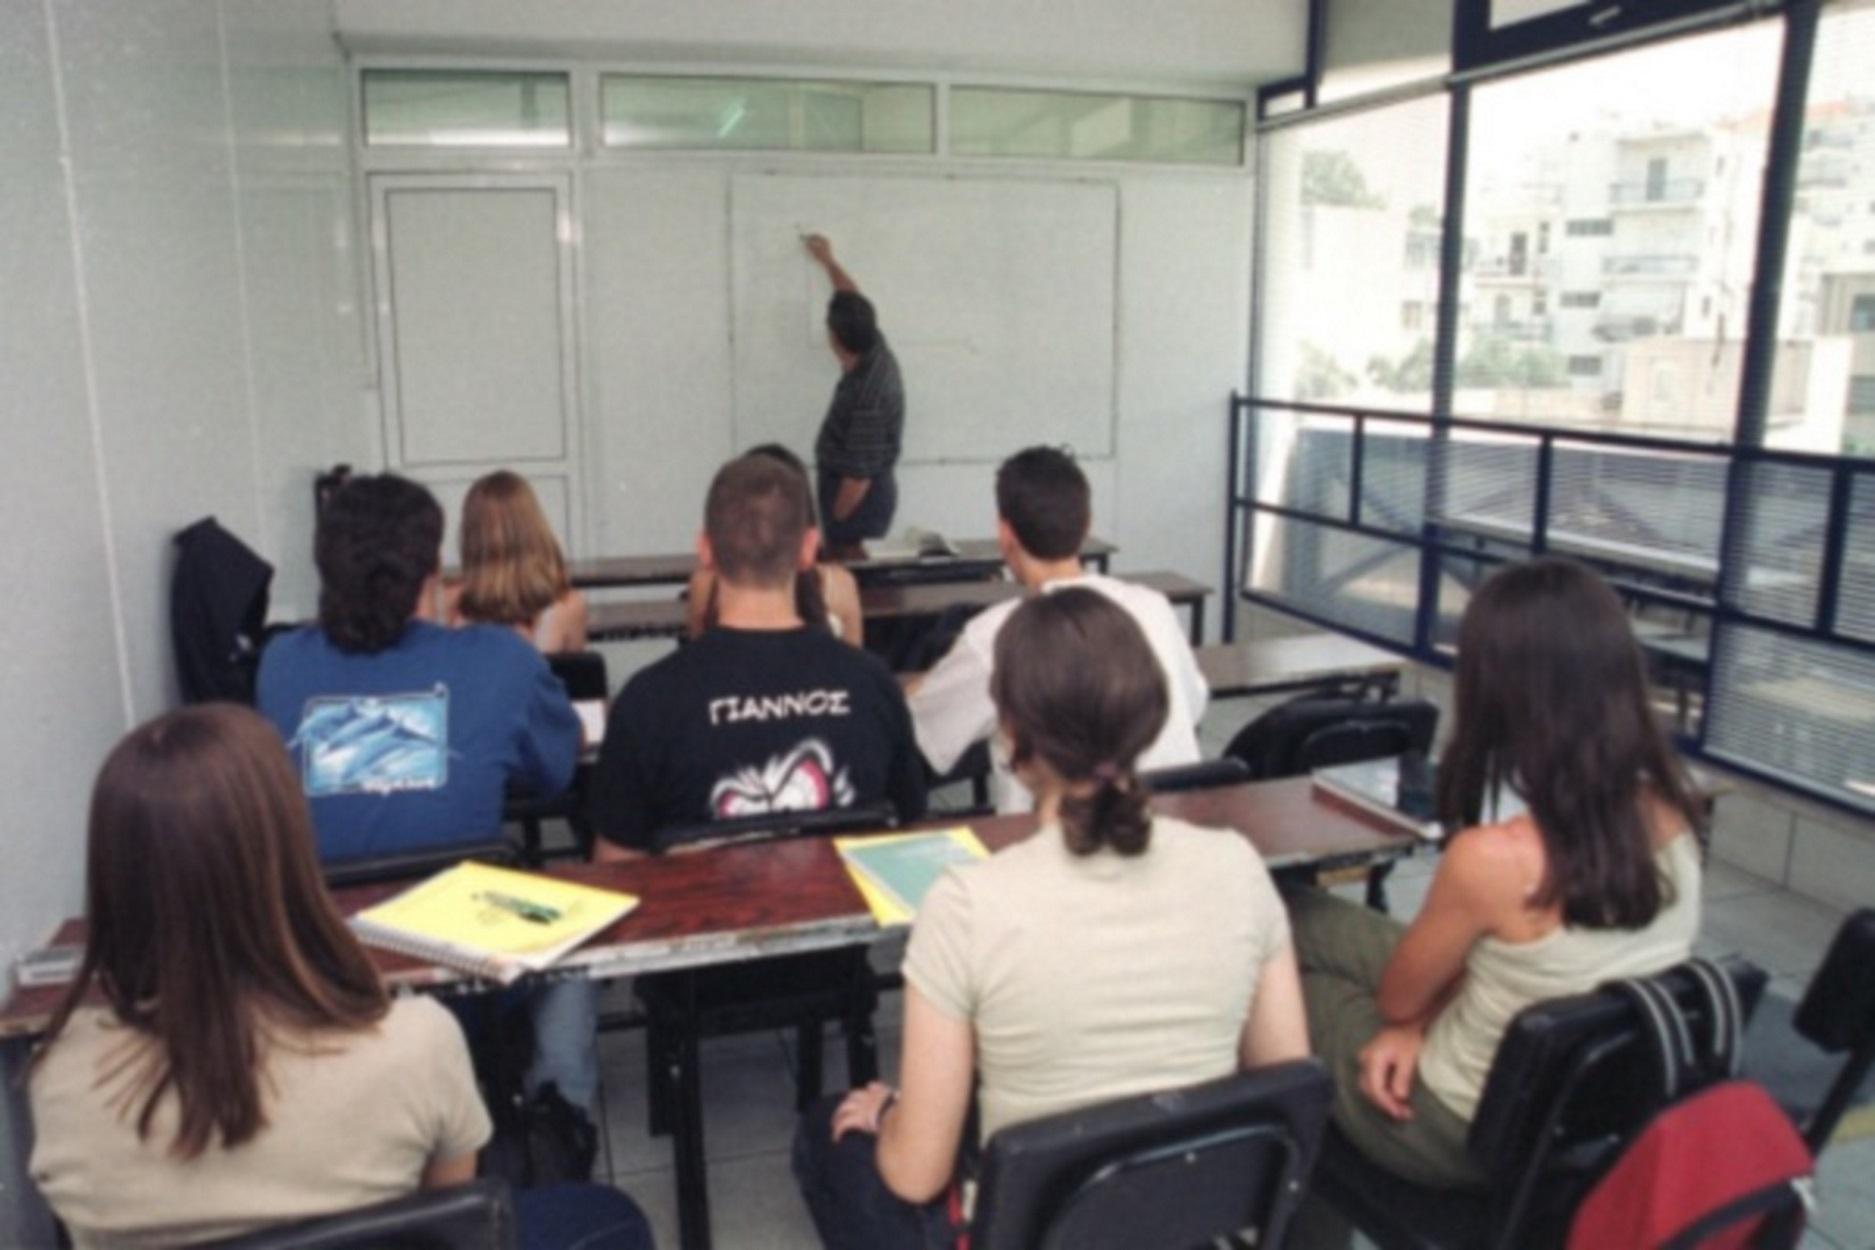 Κορονοϊός: Συνελήφθη ιδιοκτήτρια οικοδιδασκαλείου γιατί άνοιξε παραβιάζοντας την απαγόρευση